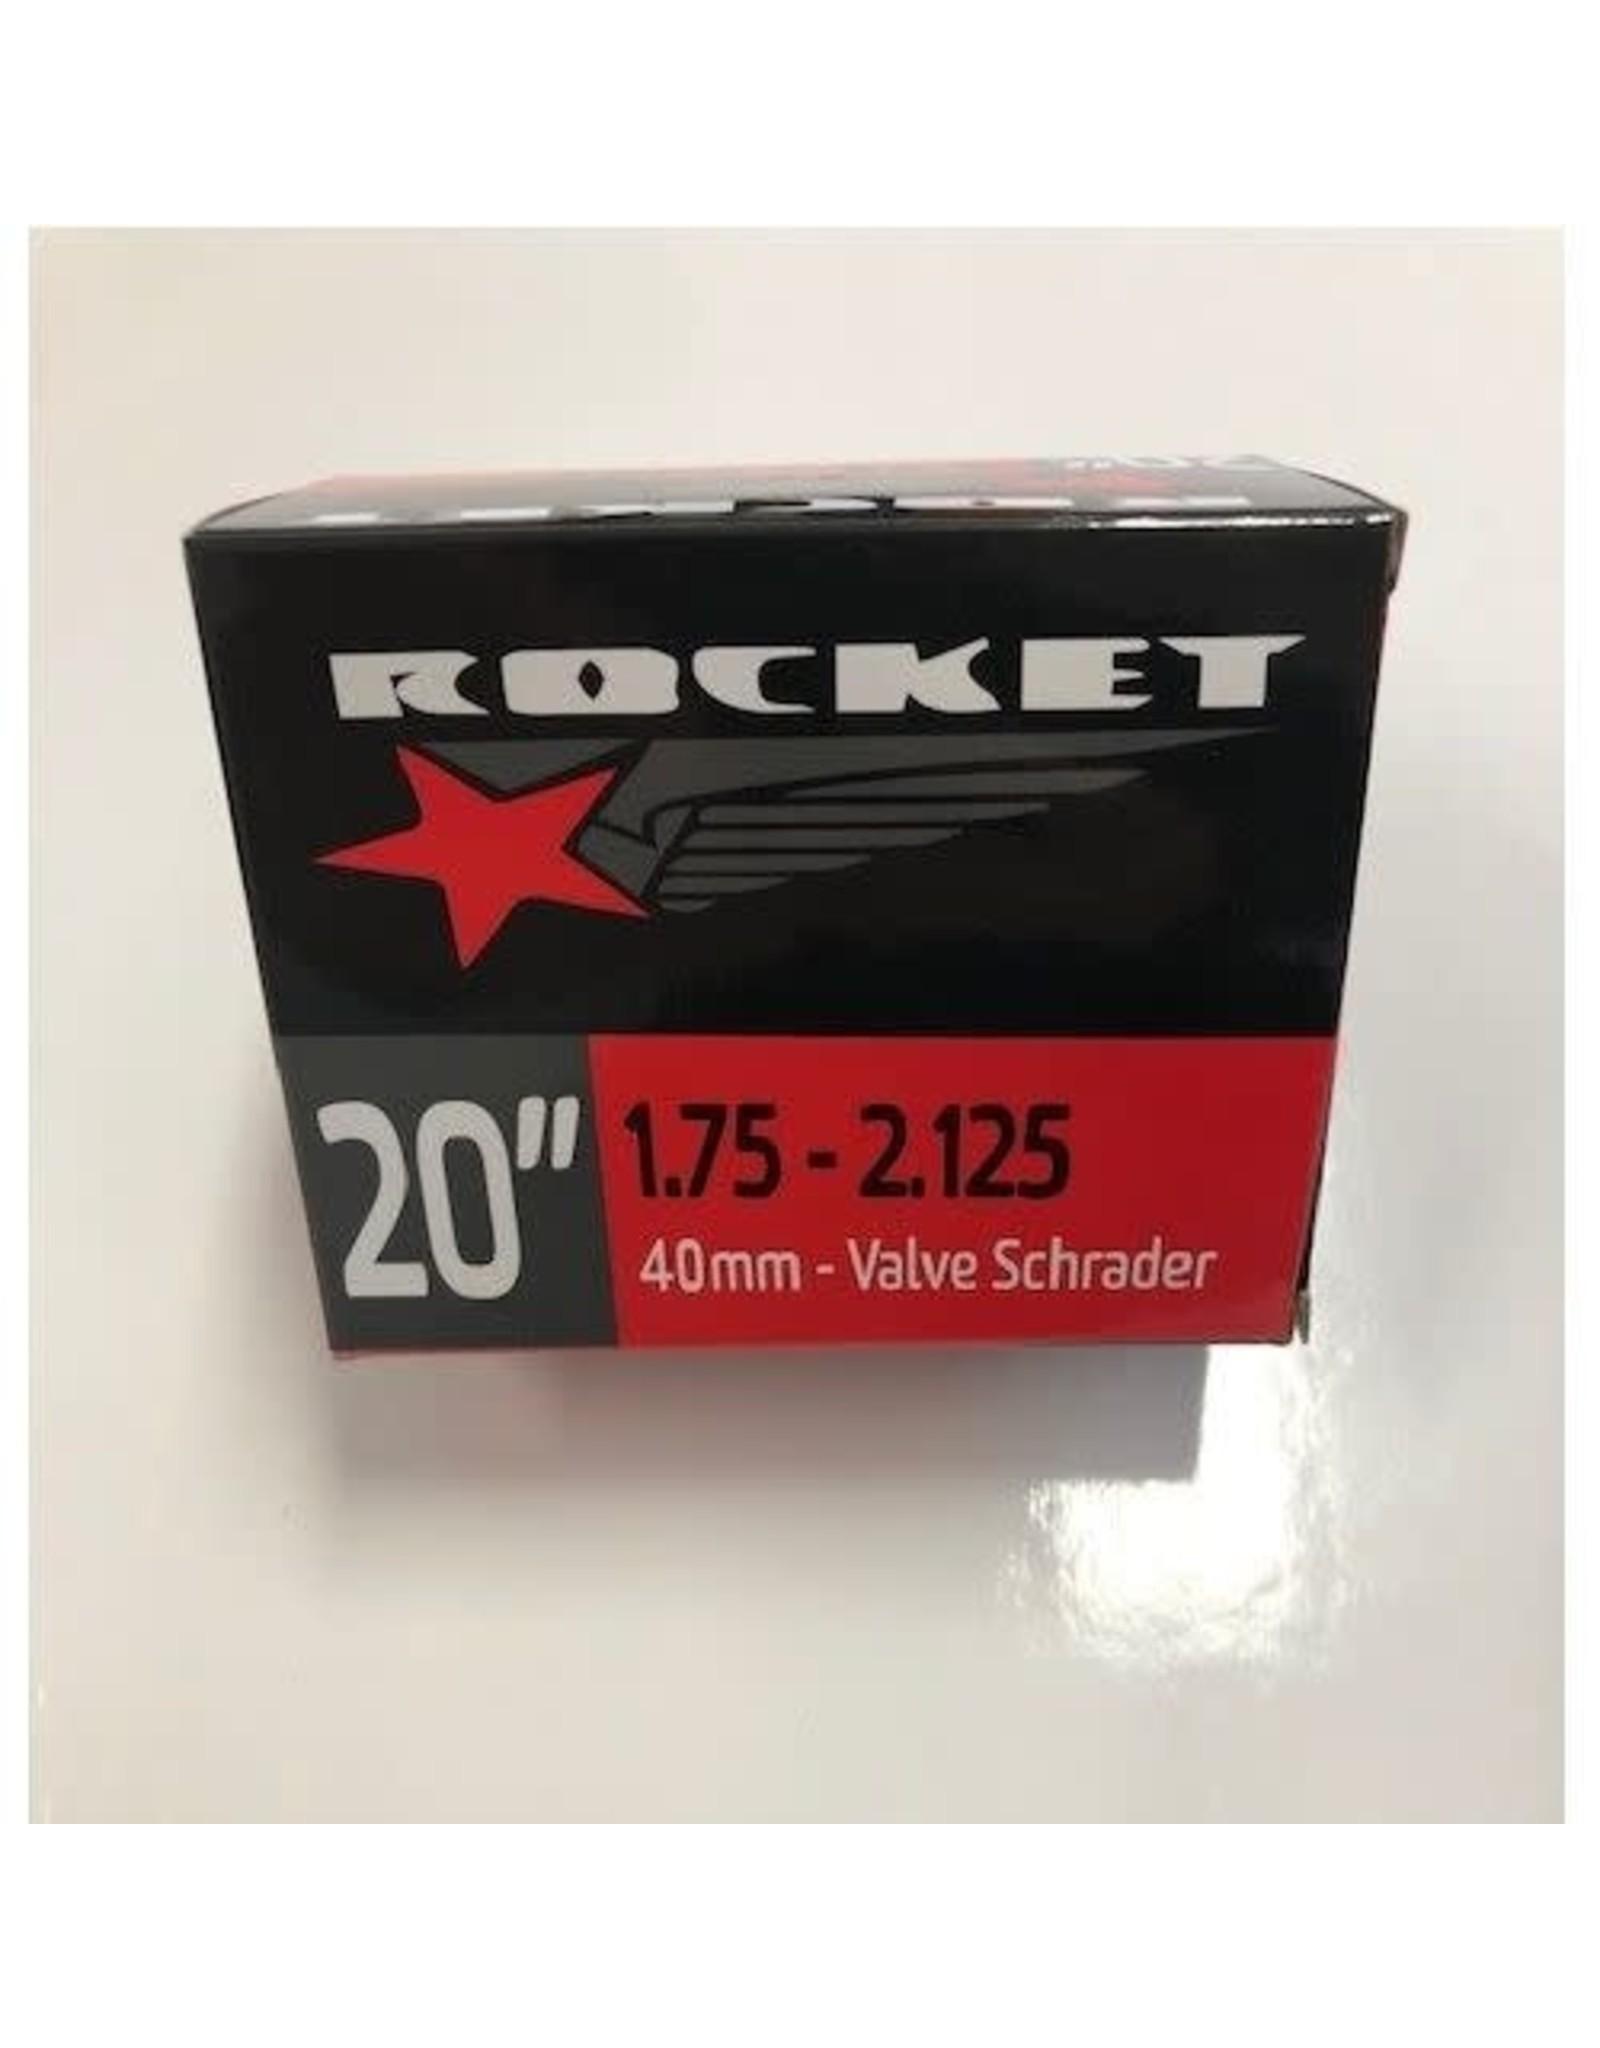 Rocket Tube 20' x  1.75/2.125 Schrader Valve